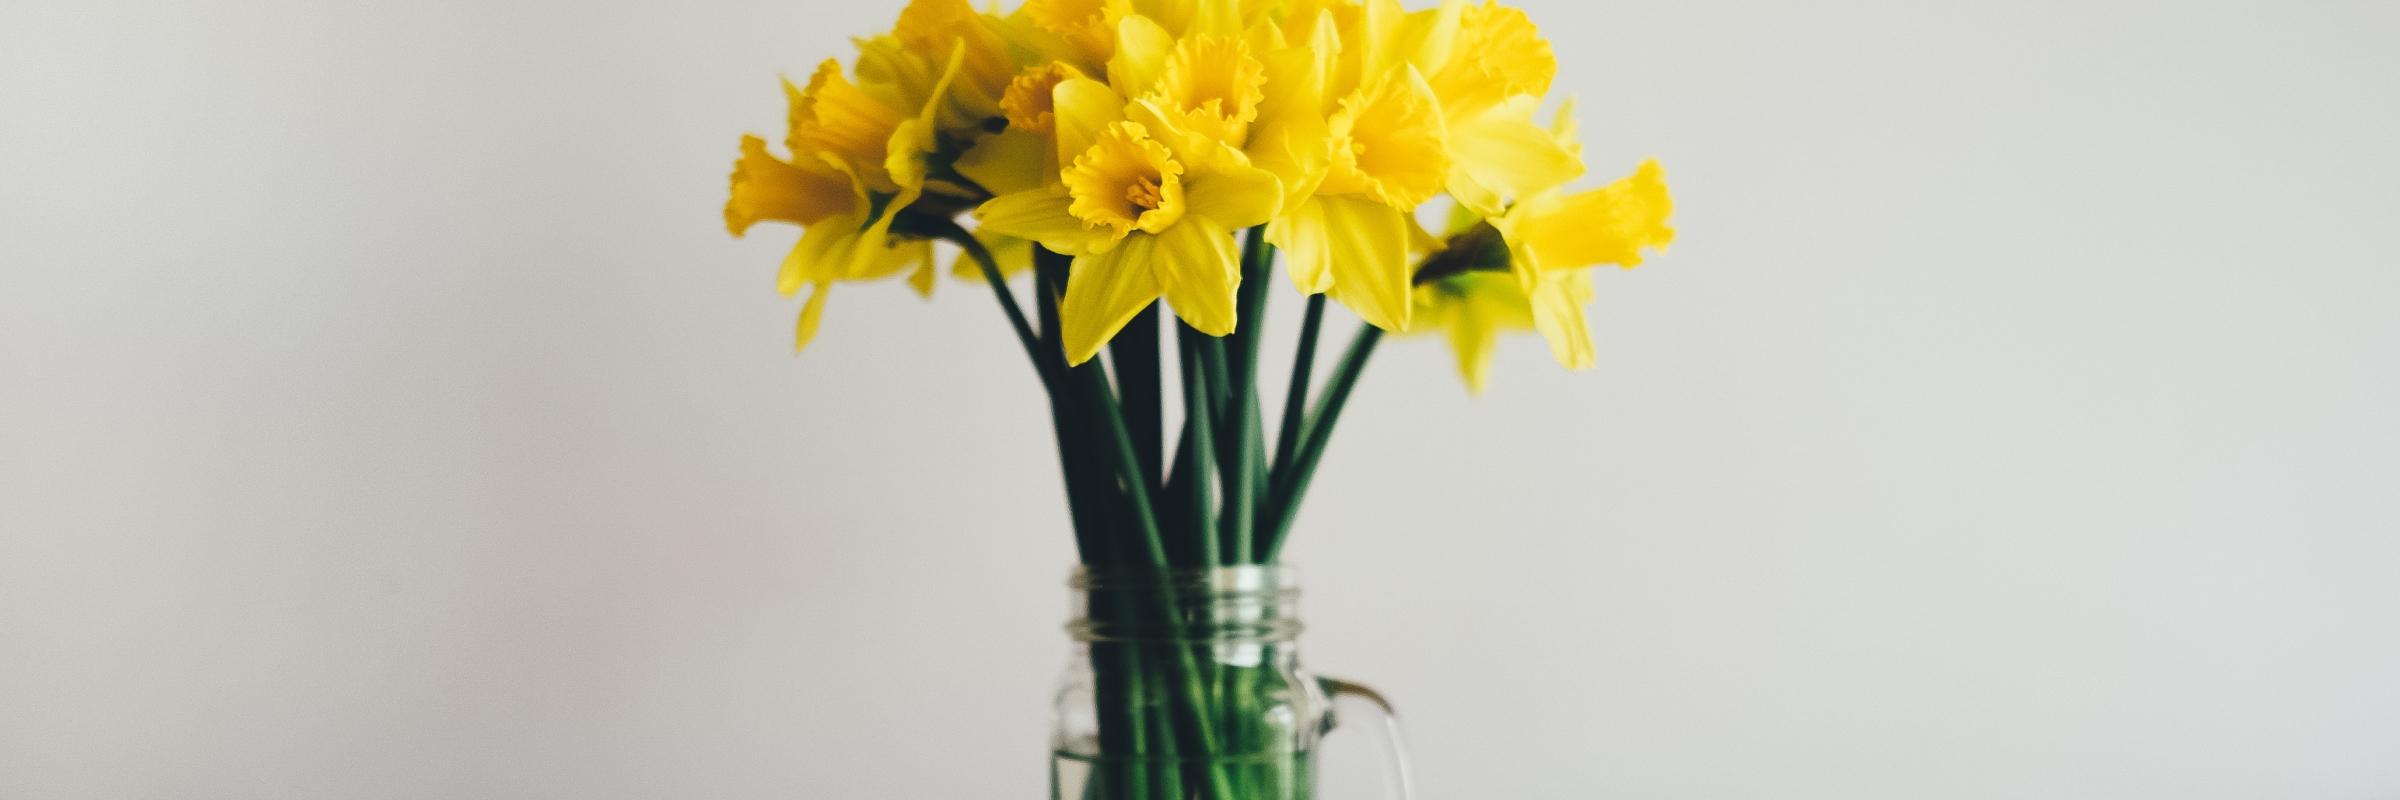 daffodils in jar